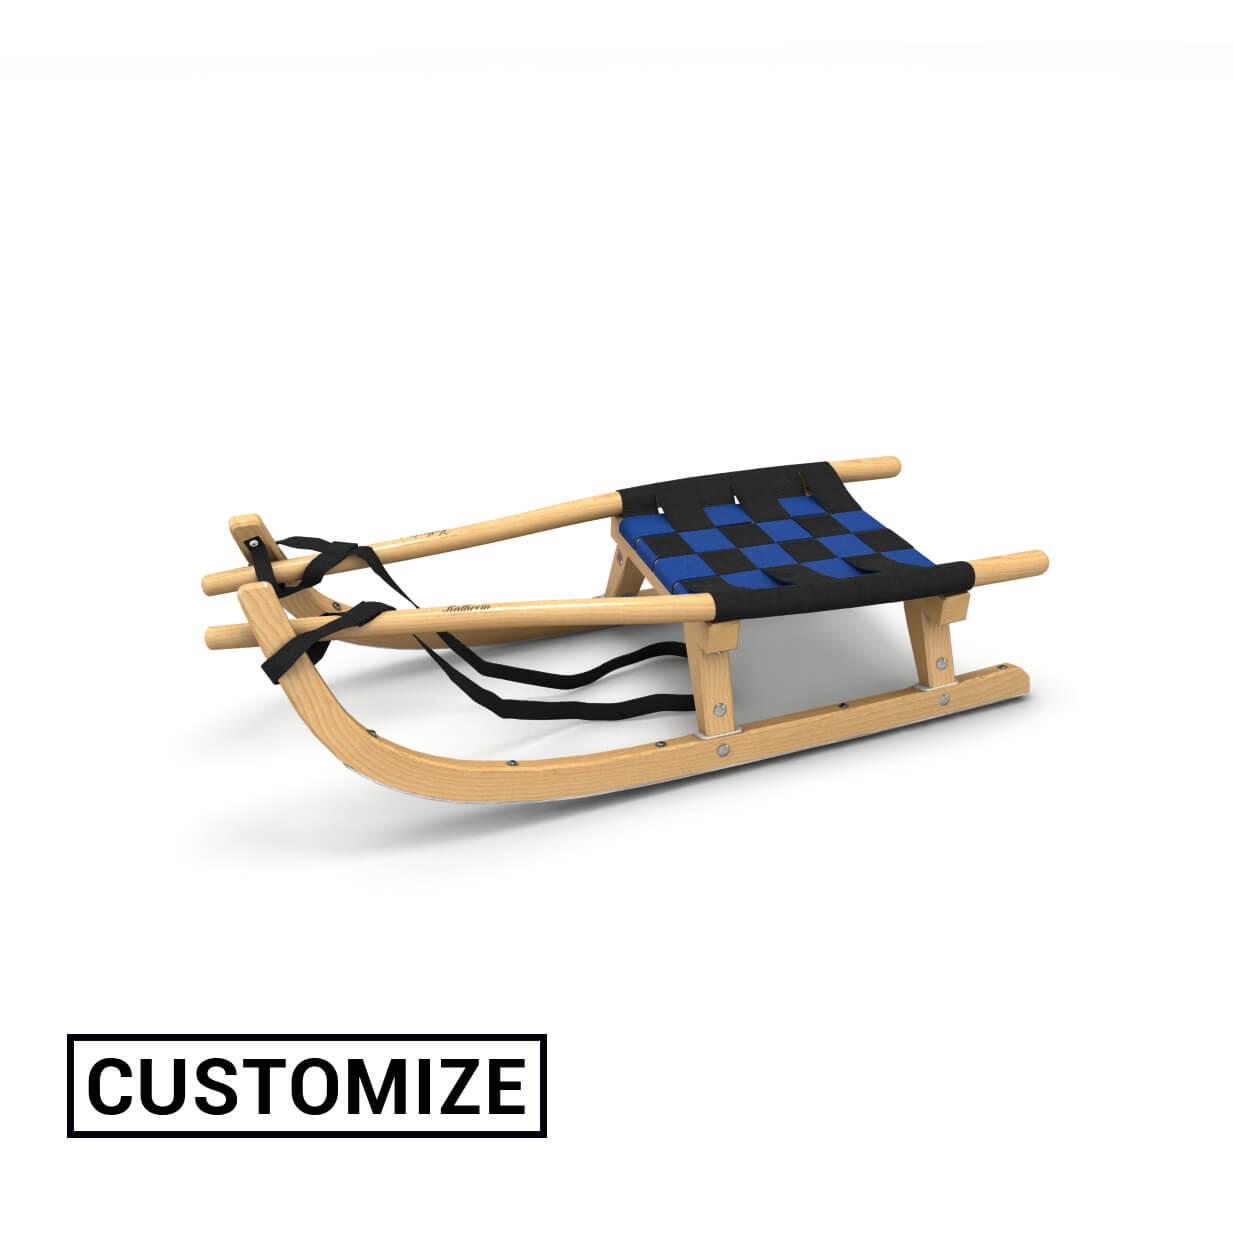 tourenrodel jugend mit gurtsitz f r 9 13 j hrige max 165cm kathrein rodel direkt vom. Black Bedroom Furniture Sets. Home Design Ideas